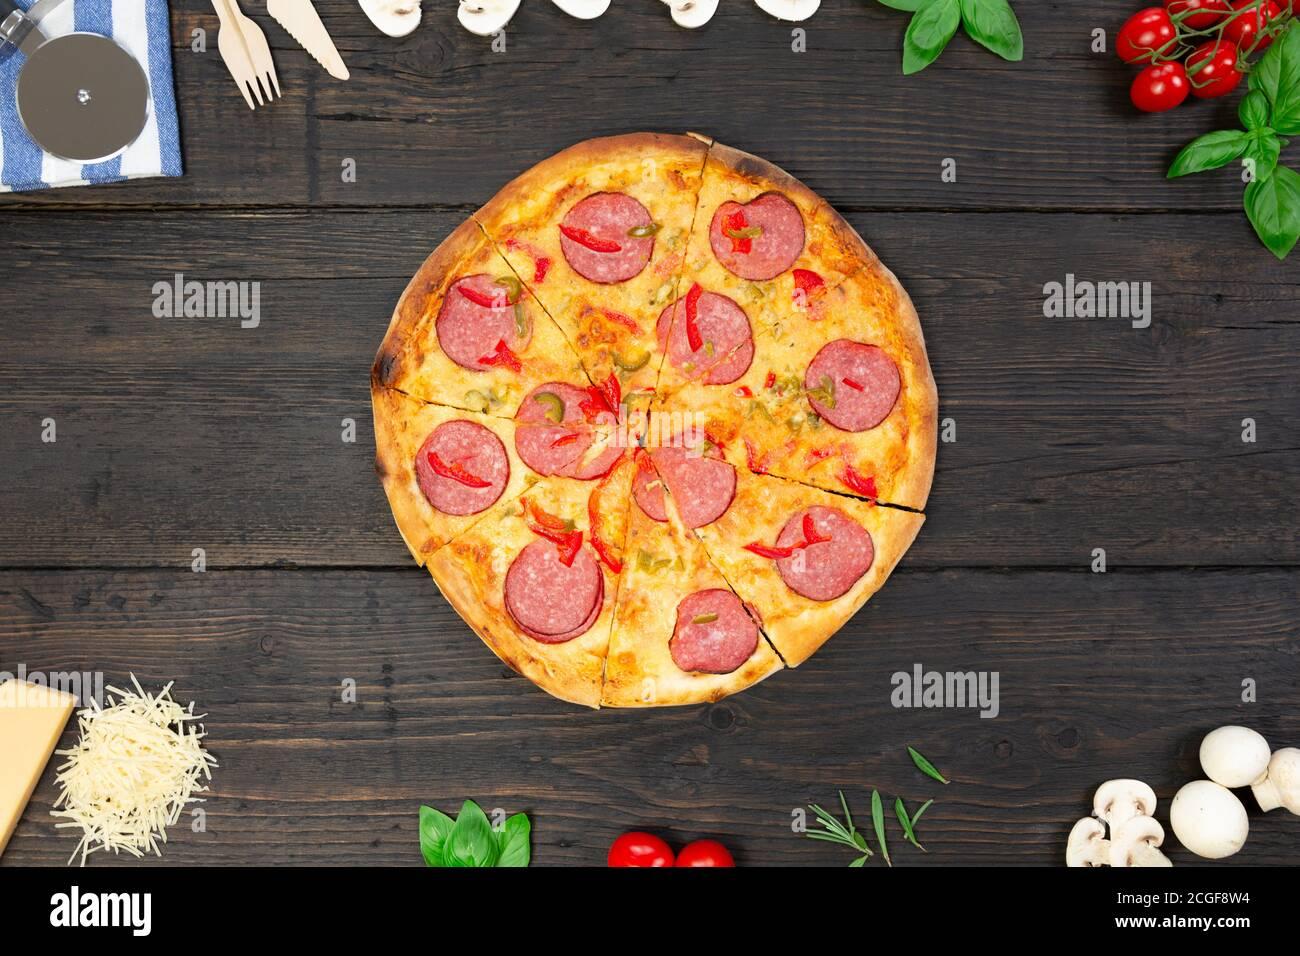 Savoureuse pizza chaude avec des ingrédients et un couteau à pizza sur fond de texture noire. Vue de dessus Banque D'Images